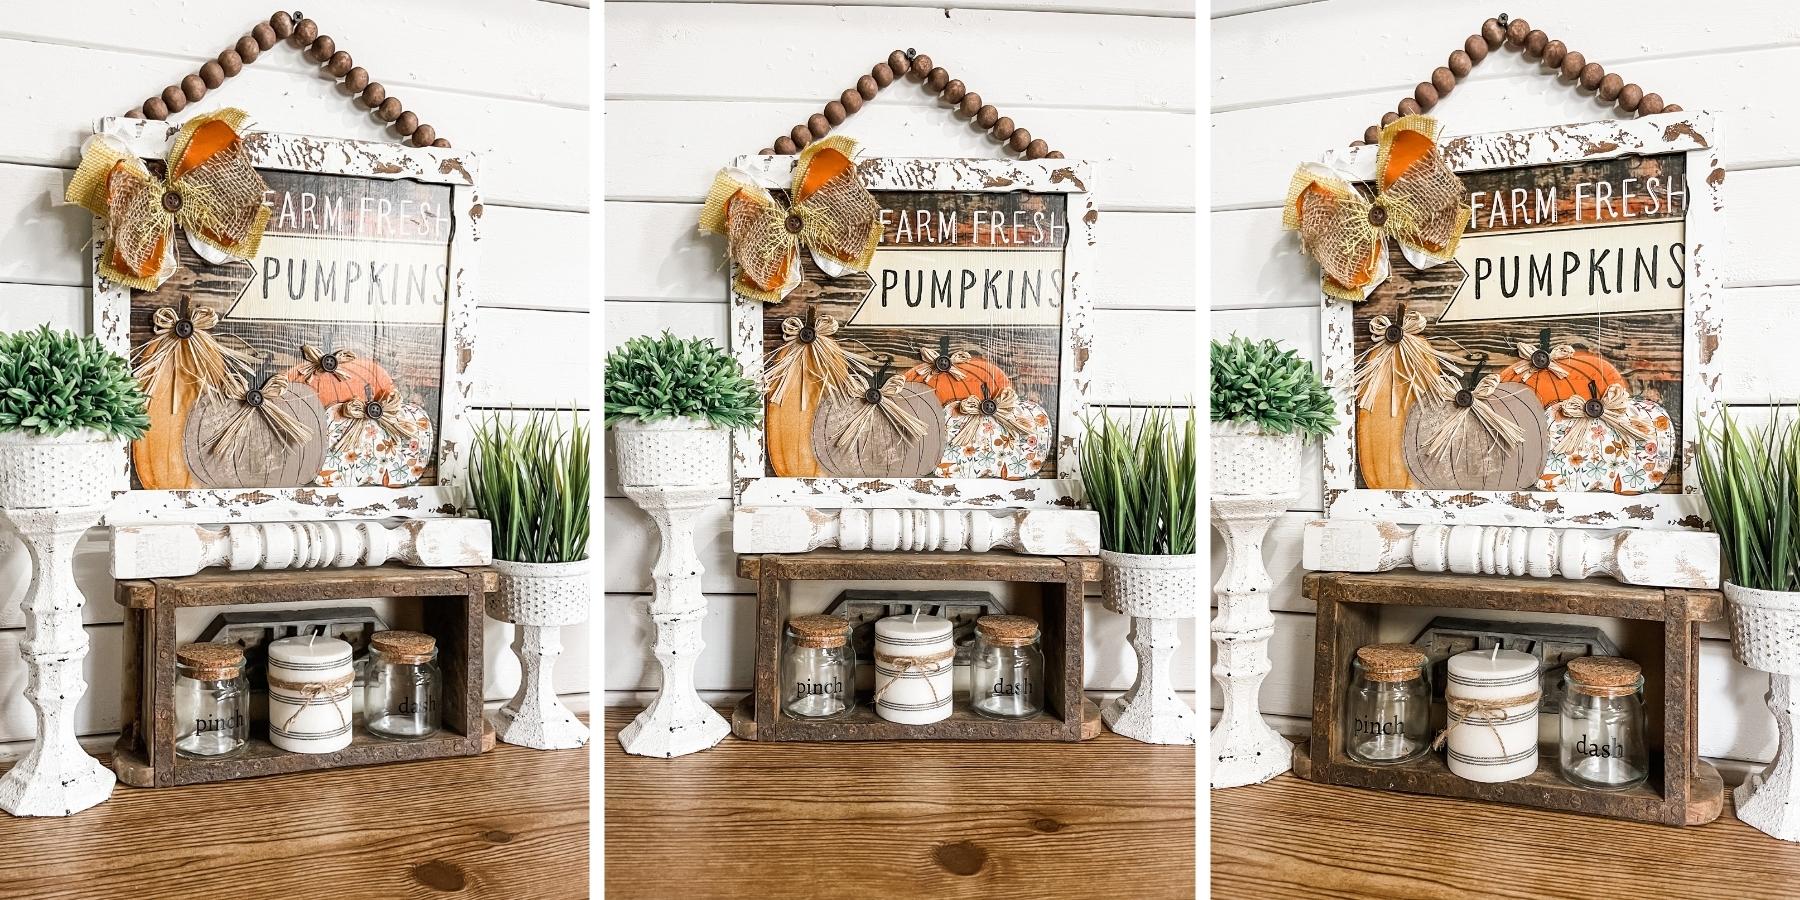 DIY Chippy Farm Fresh Pumpkins Sign